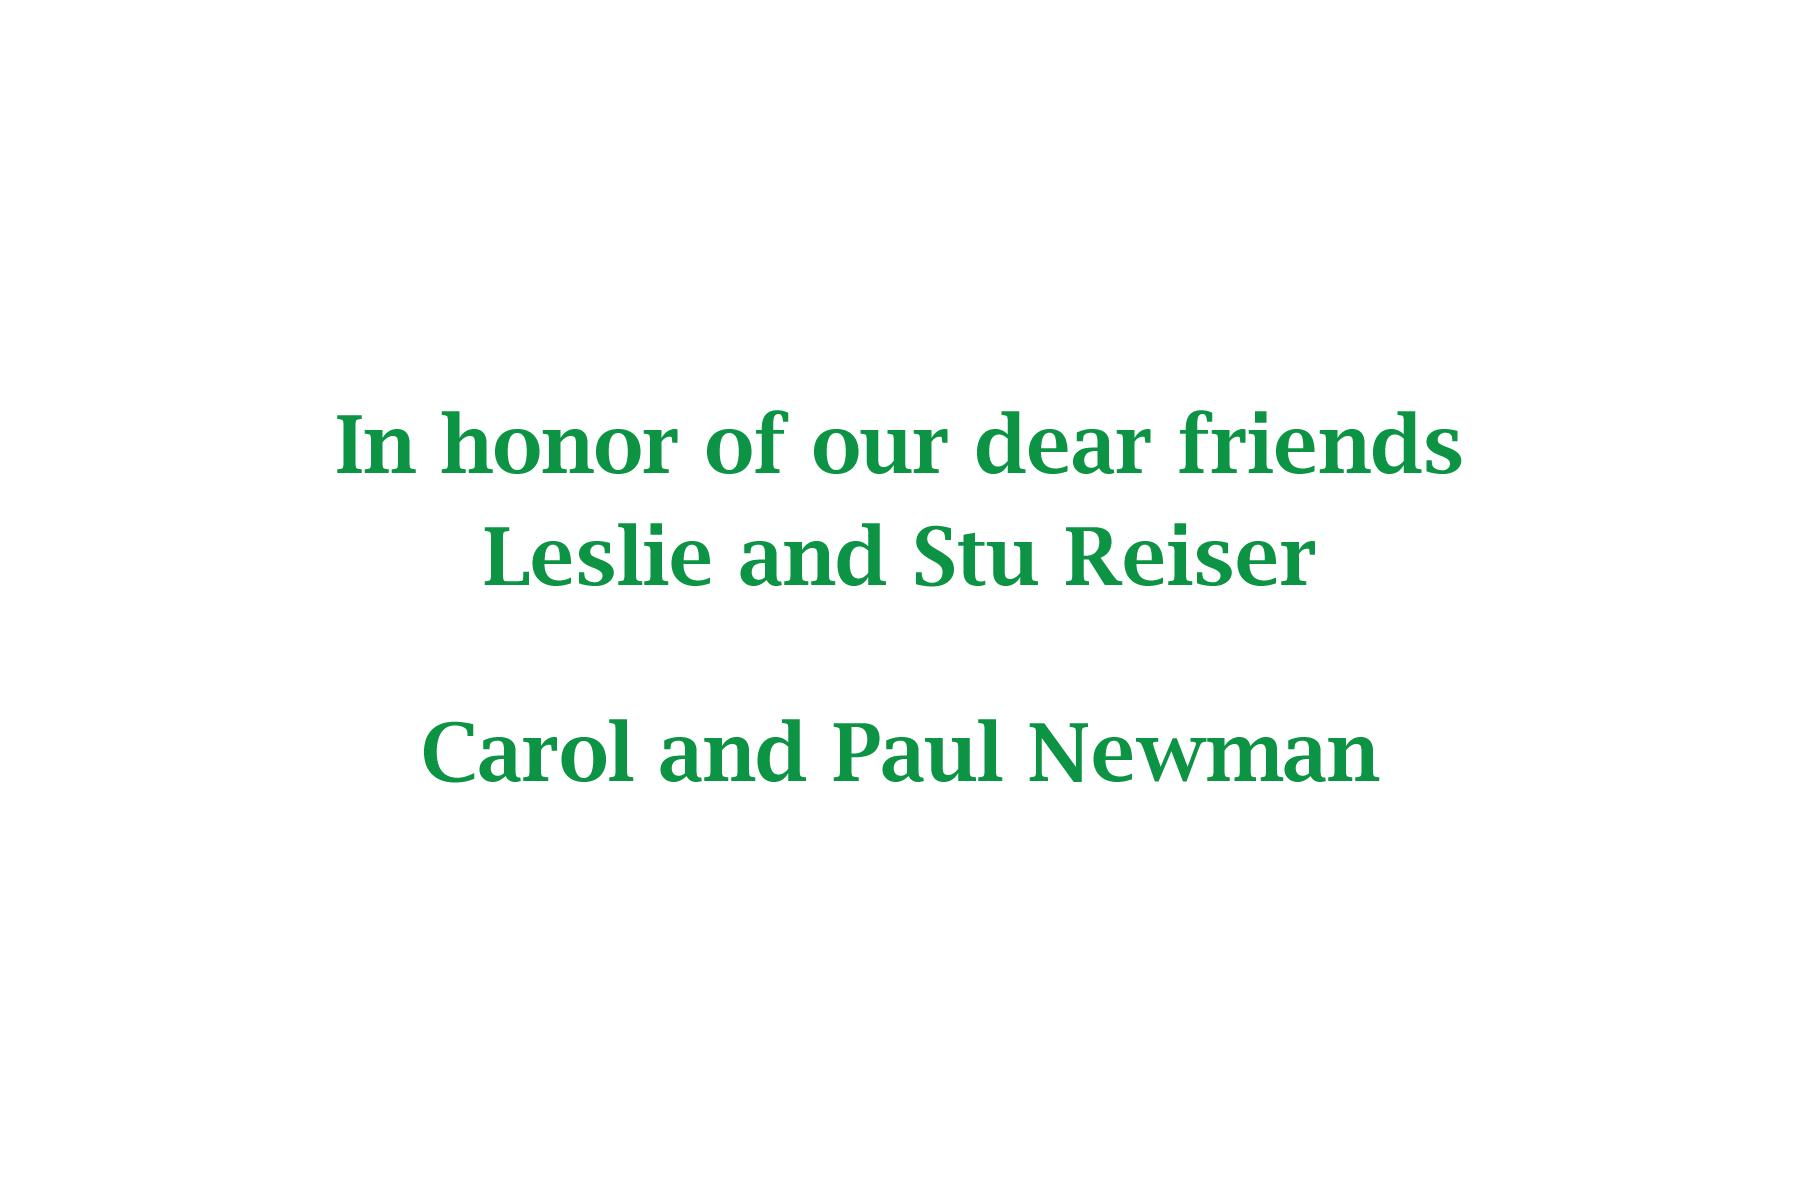 Carol & Paul Newman